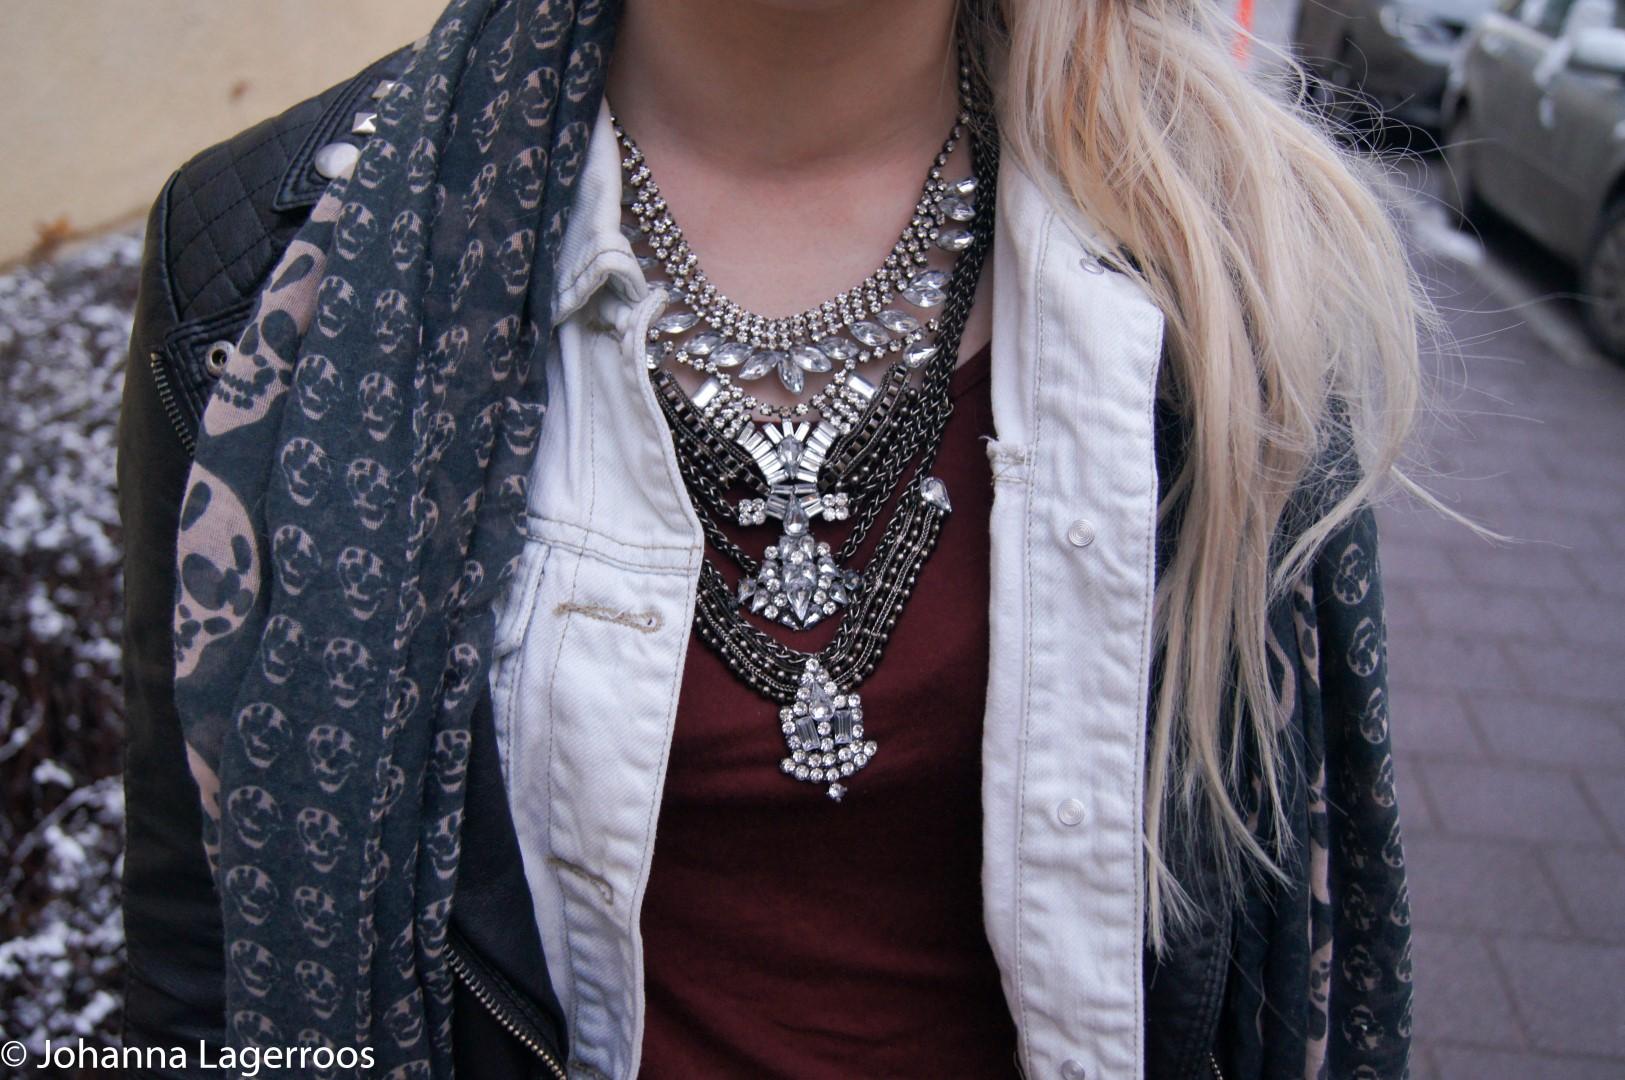 mirina hailey necklace